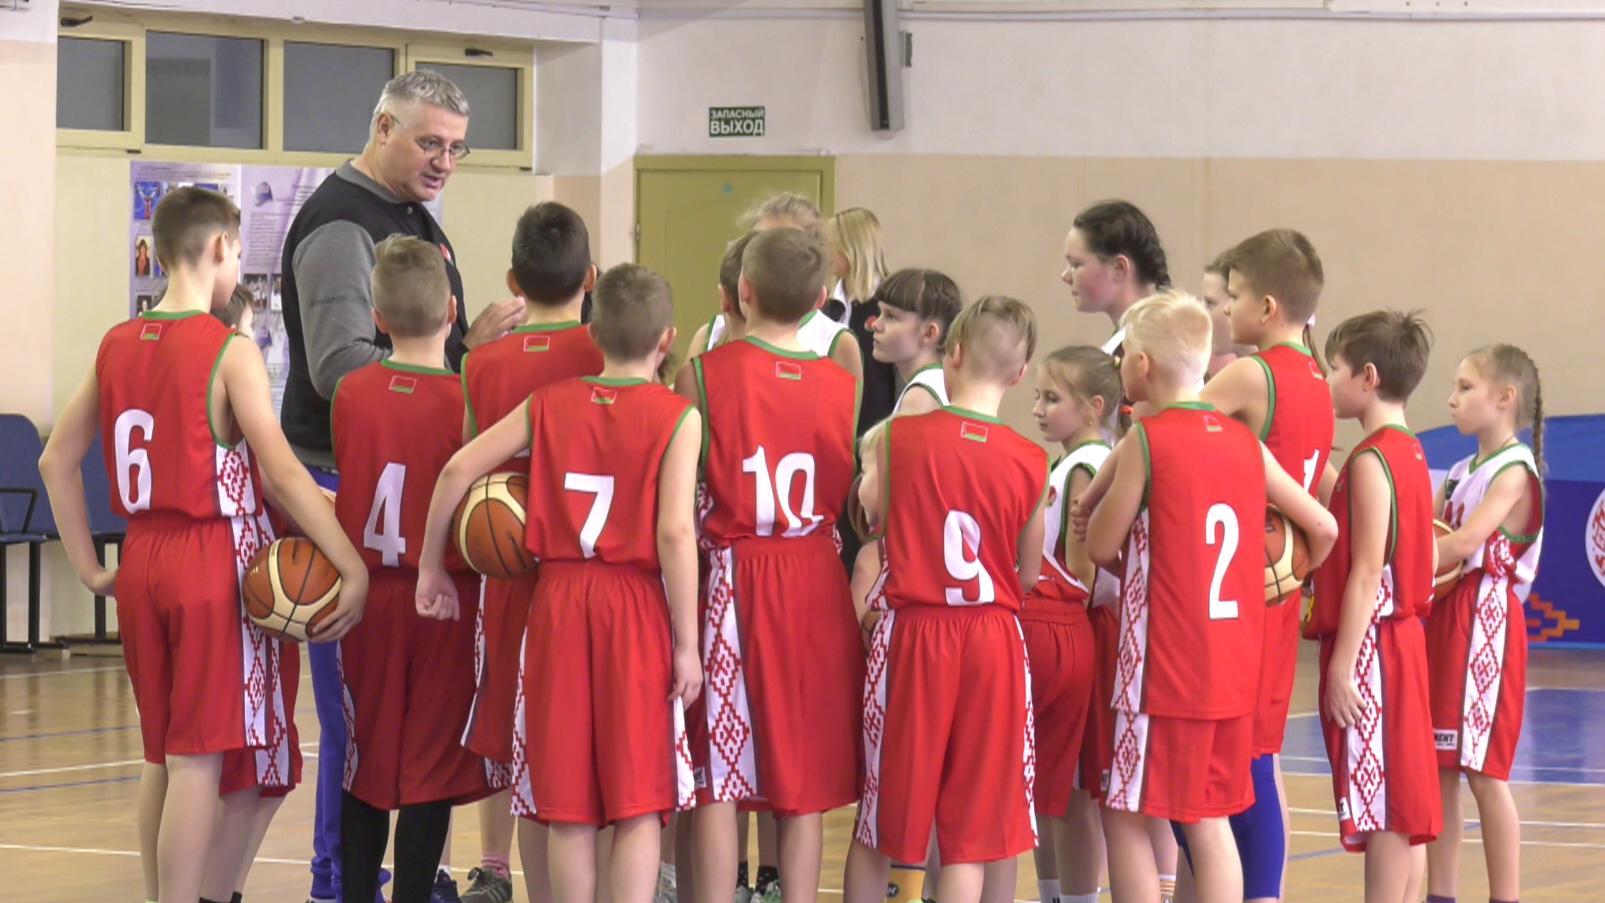 basket - Шаг в будущее. Баскетбольный семинар в Витебске (видео)